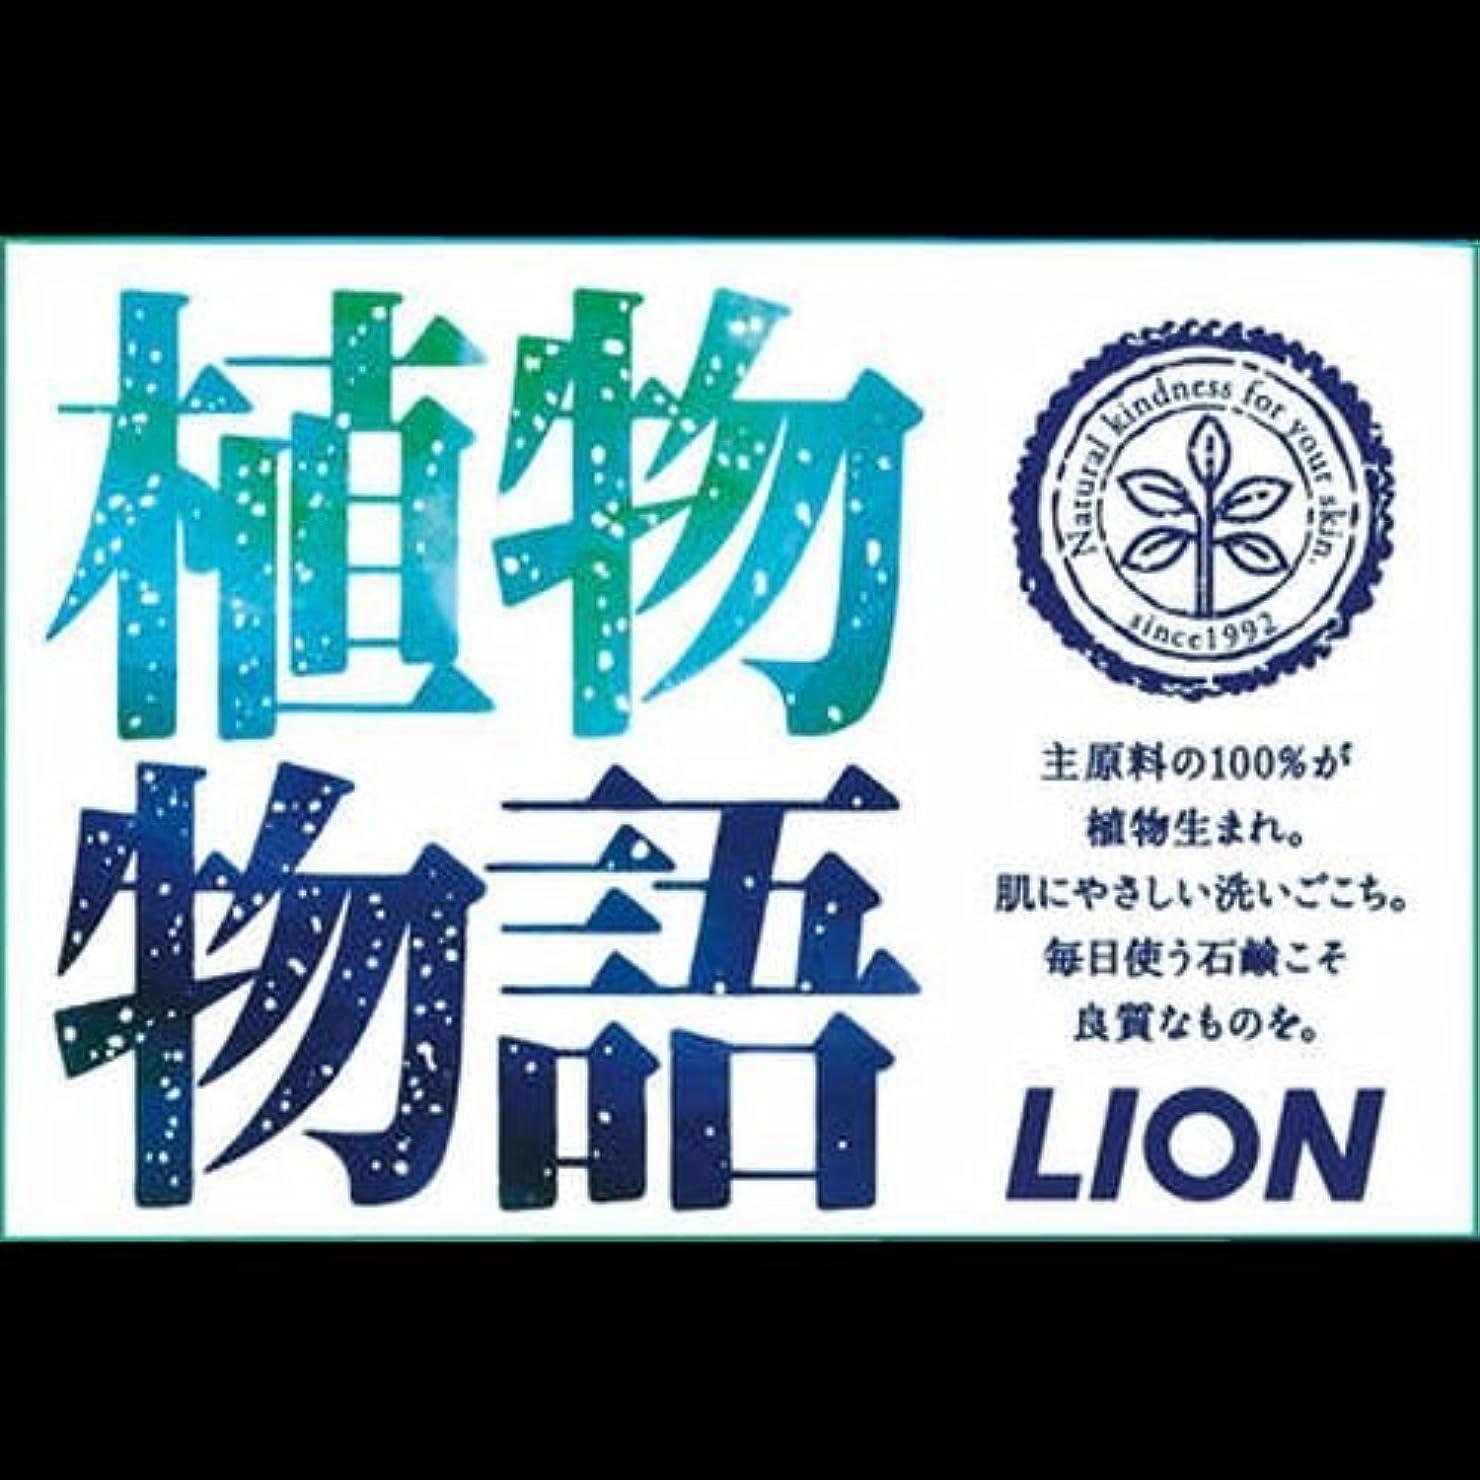 見習い再生可能変位ライオン 植物物語 化粧石鹸 90g×1個入 ×2セット